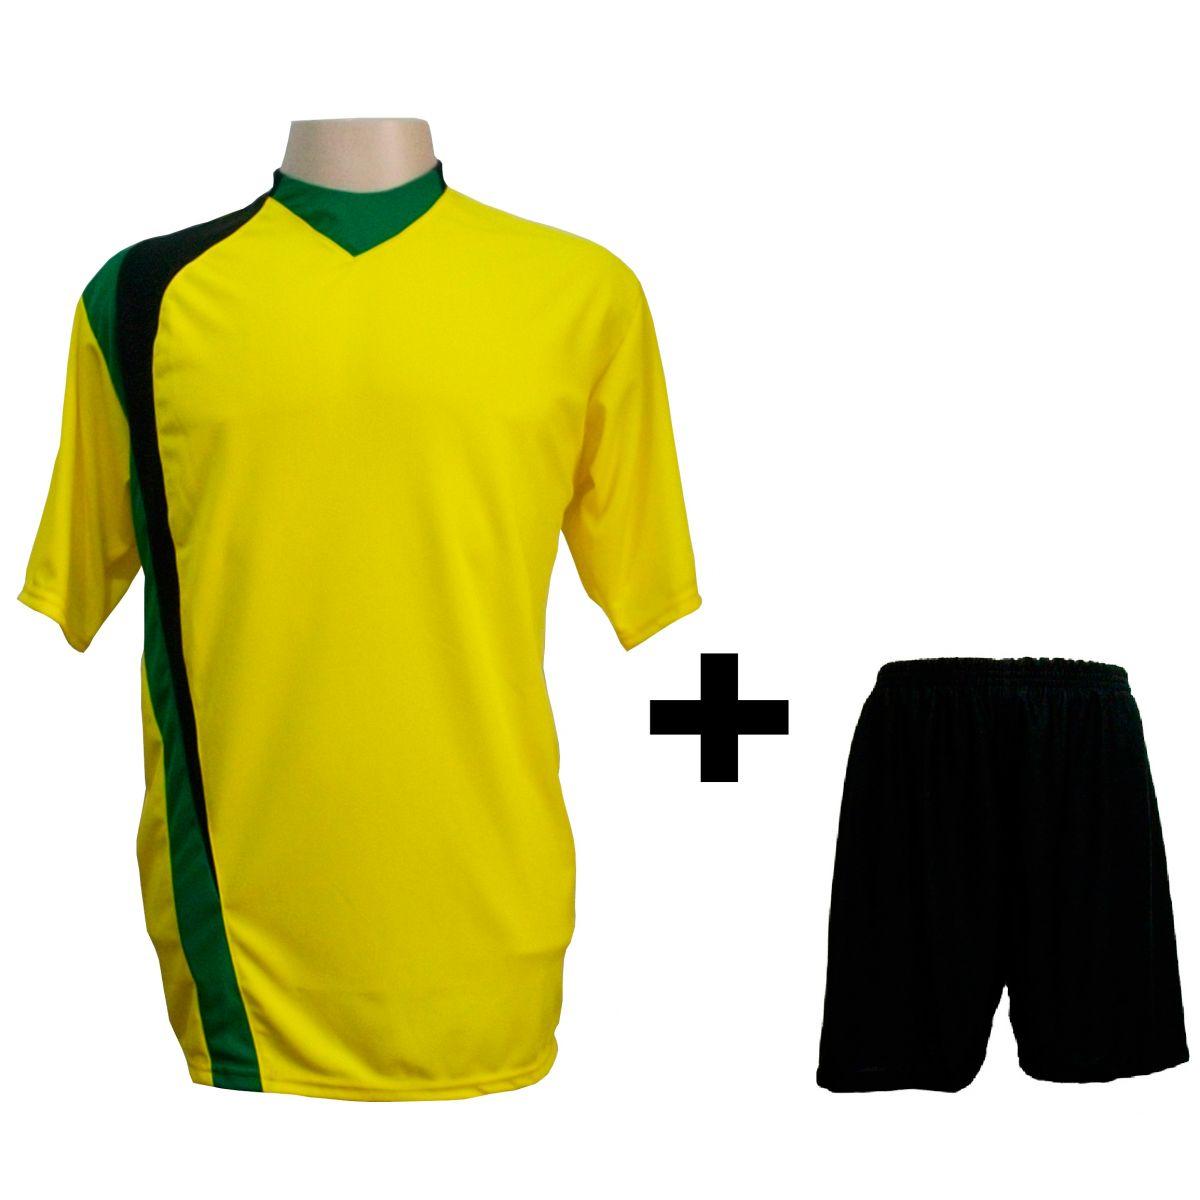 478eda8127 Jogo de Camisas de futebol